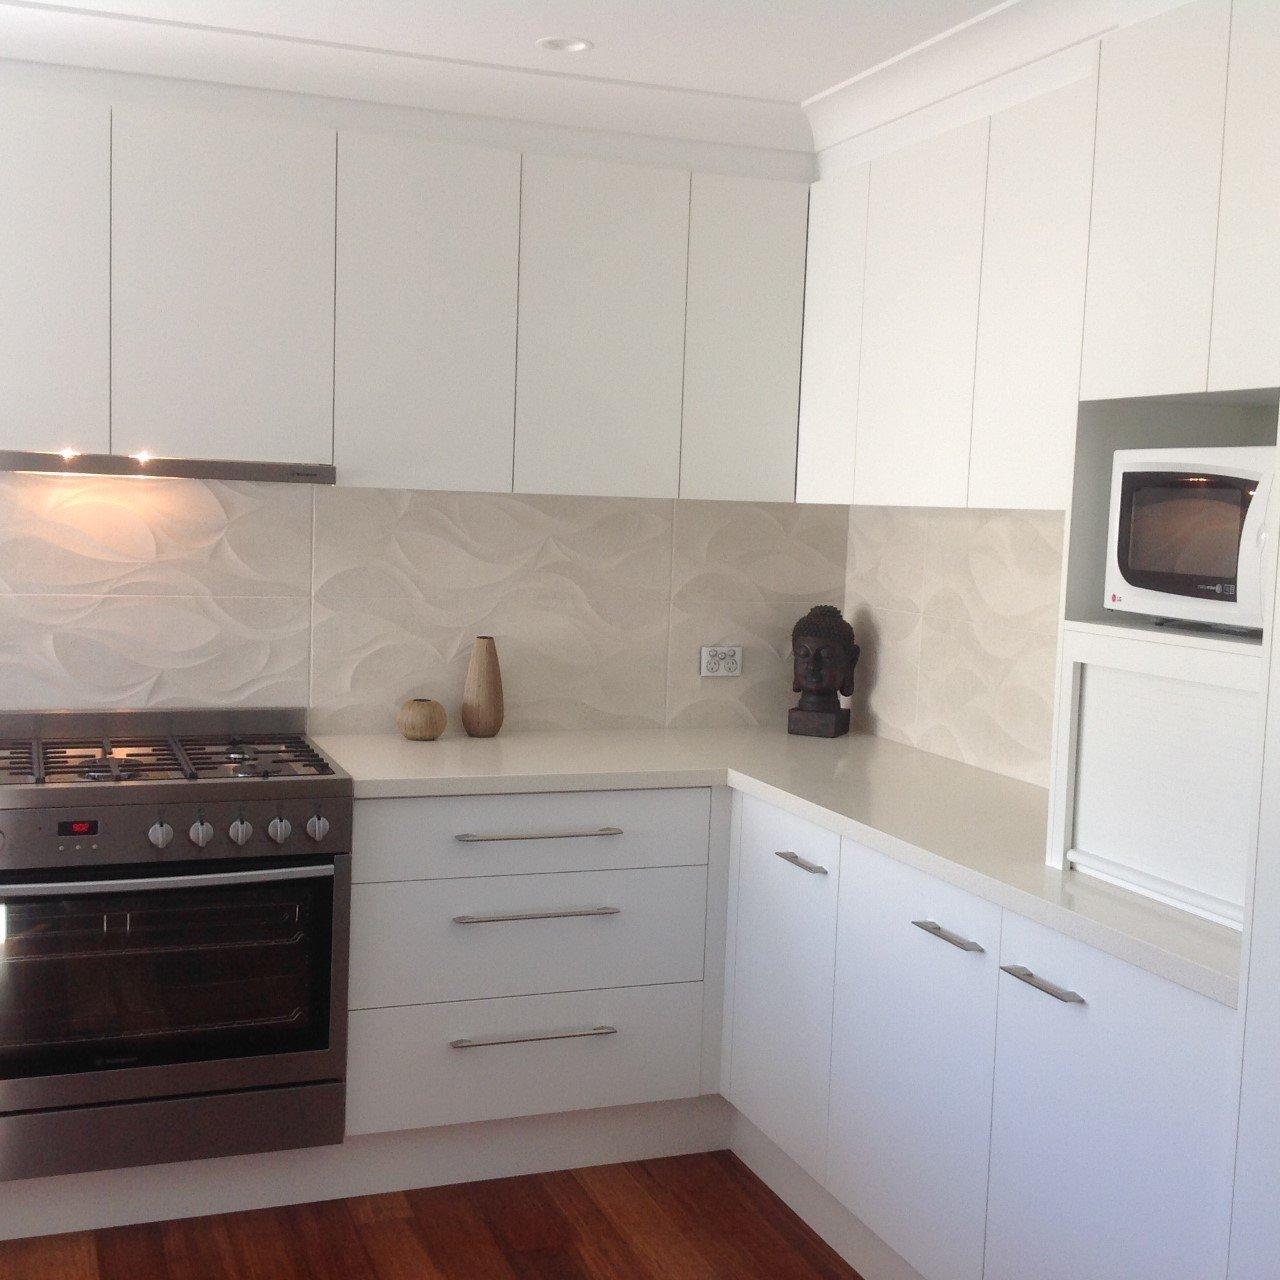 Kitchen Design Sussex: Kitchen Renovation Sussex Inlet